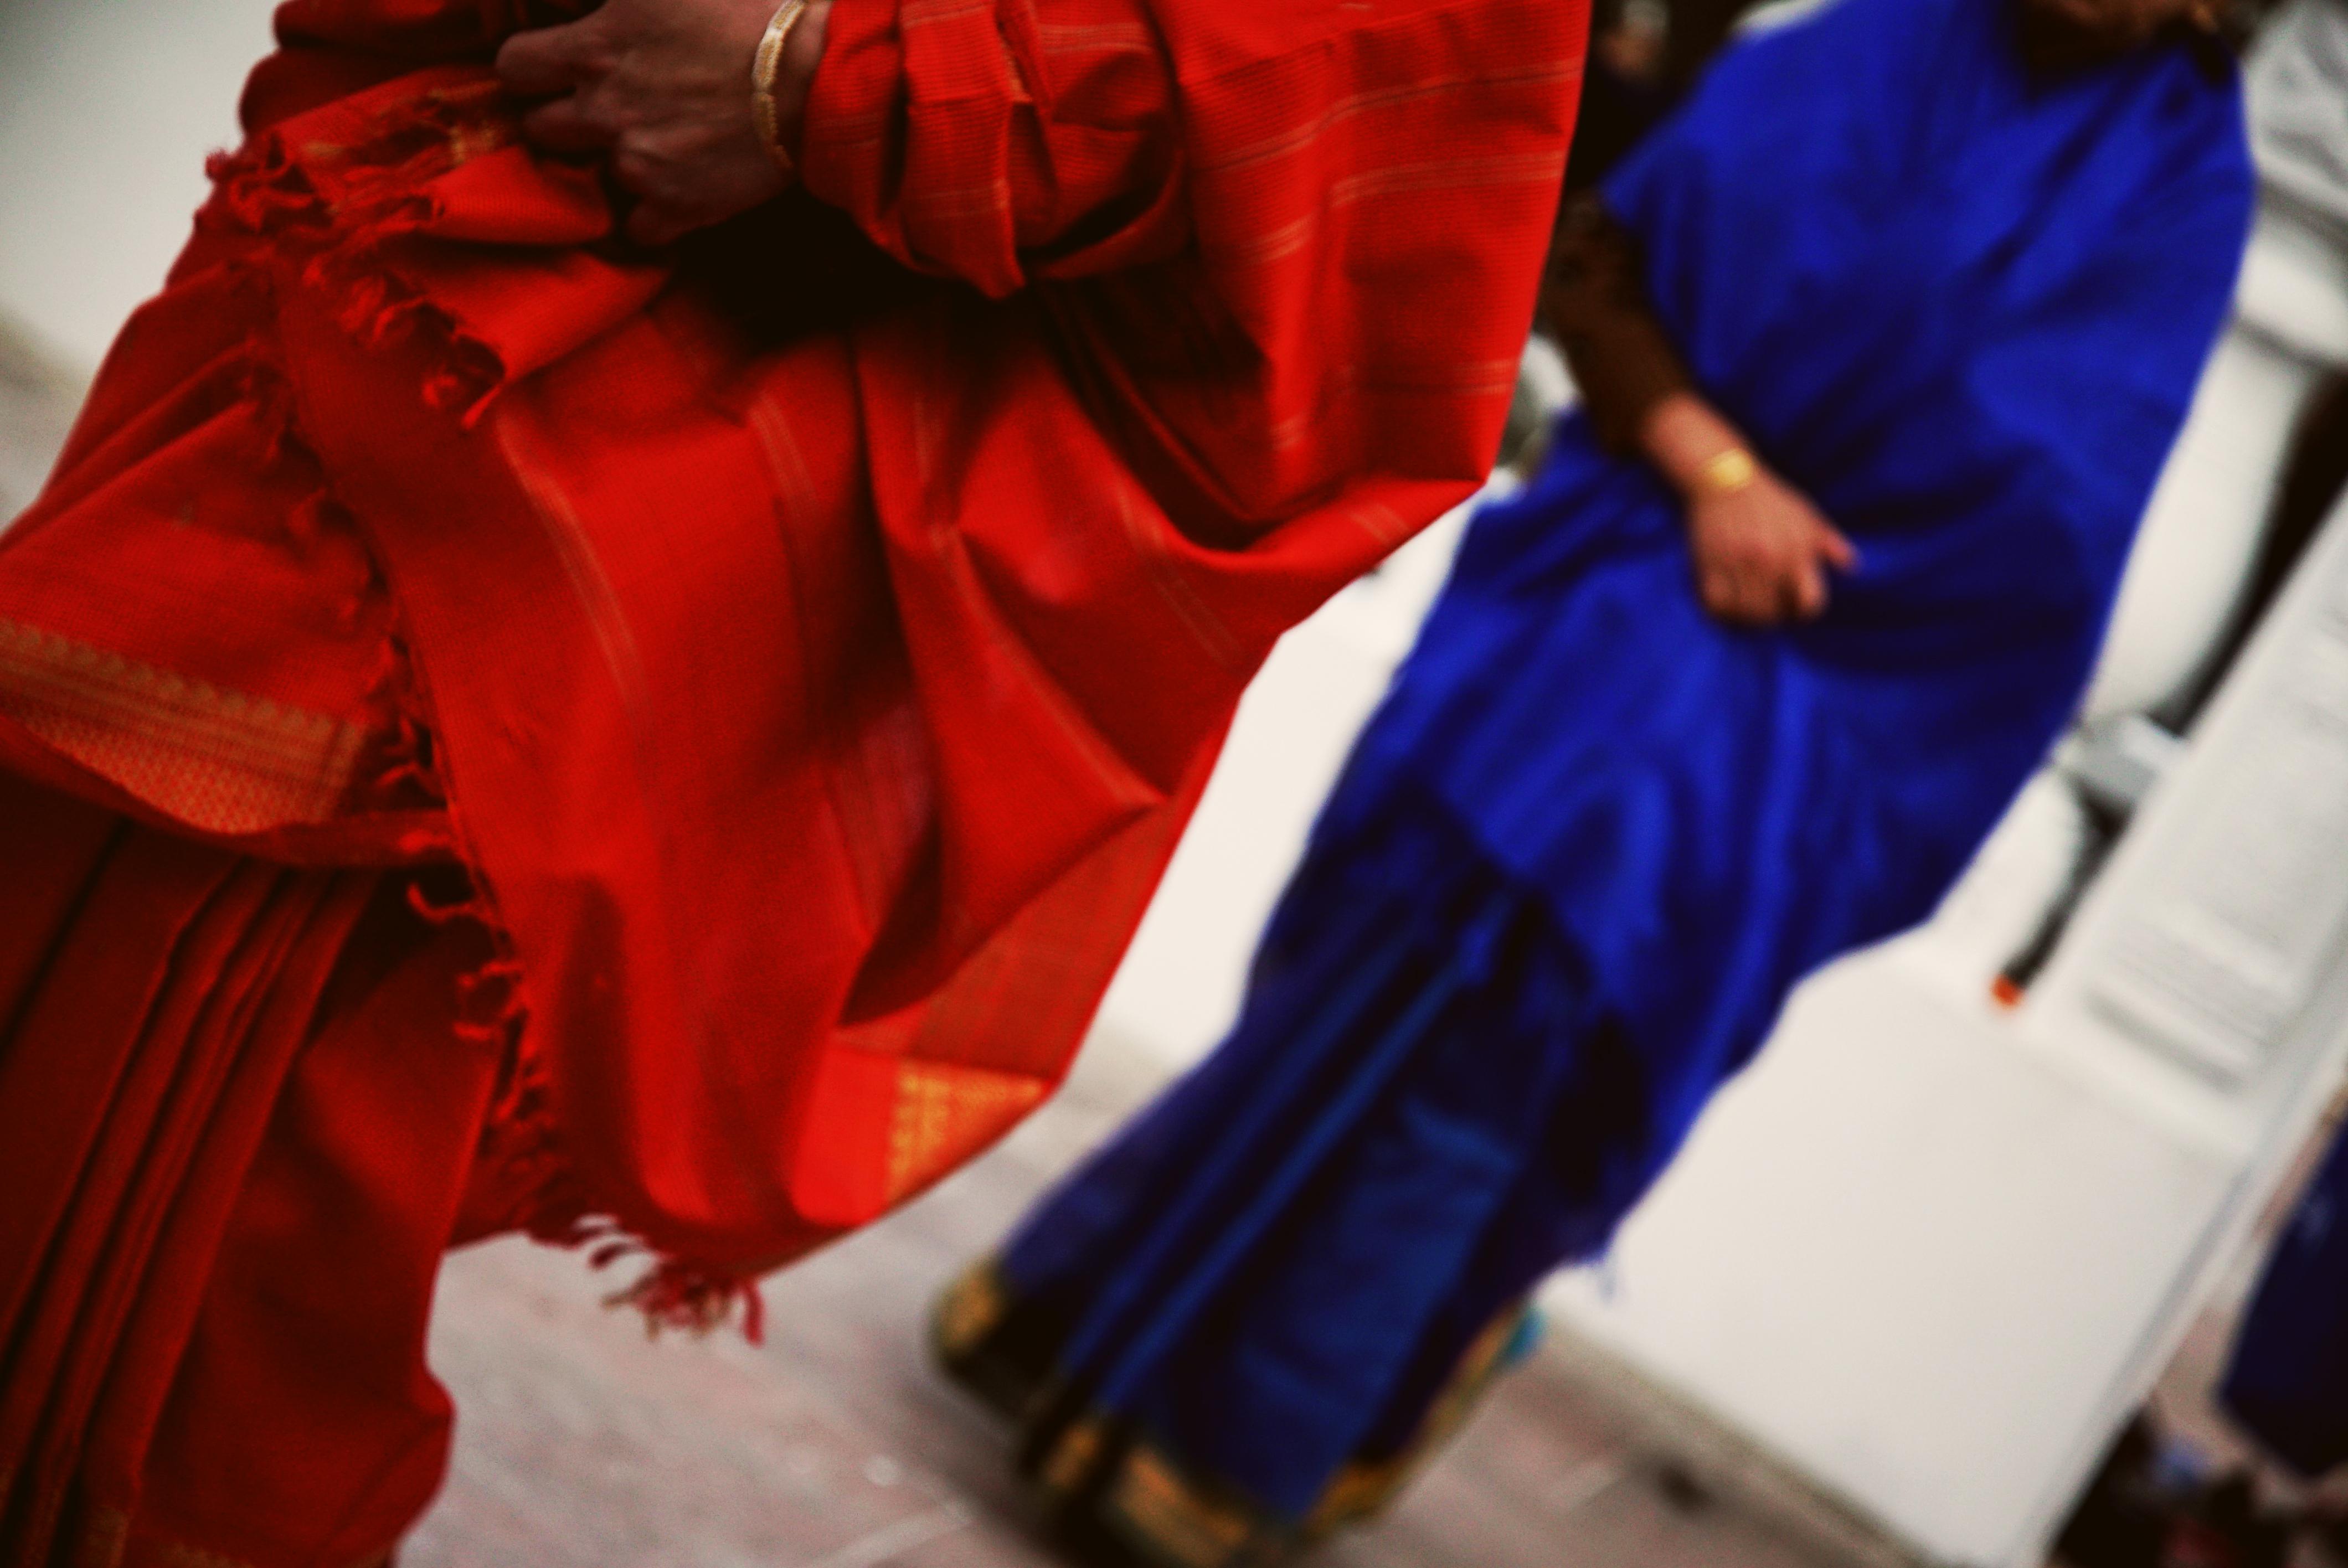 Red_blue_saris_E.jpg